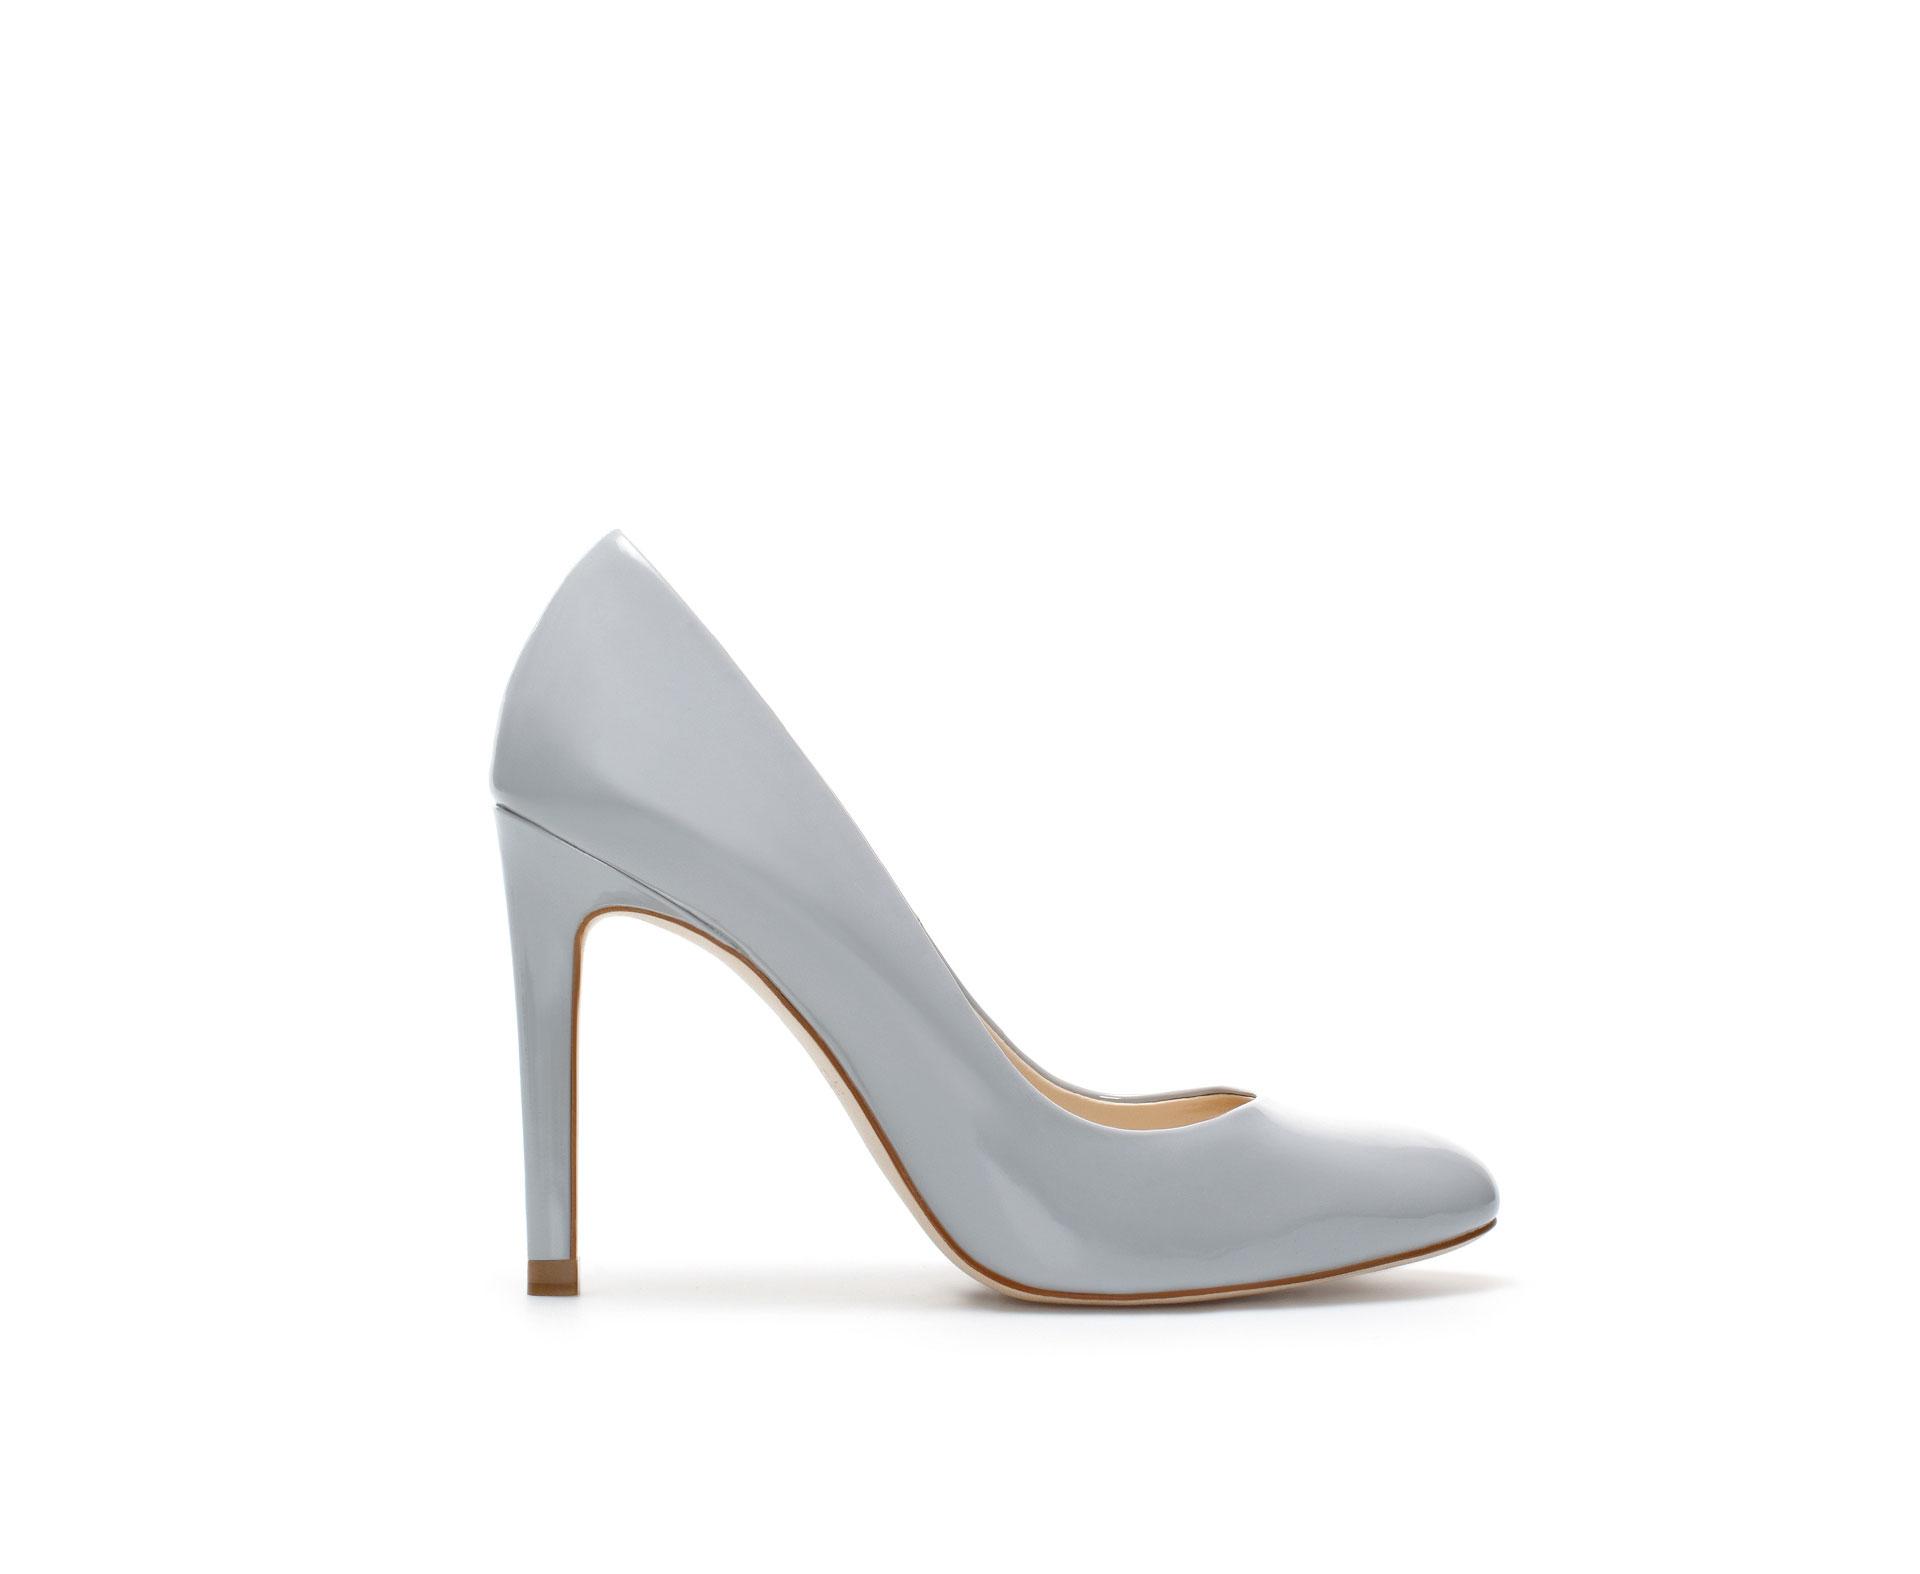 Silver Grey High Heel Shoes - Is Heel